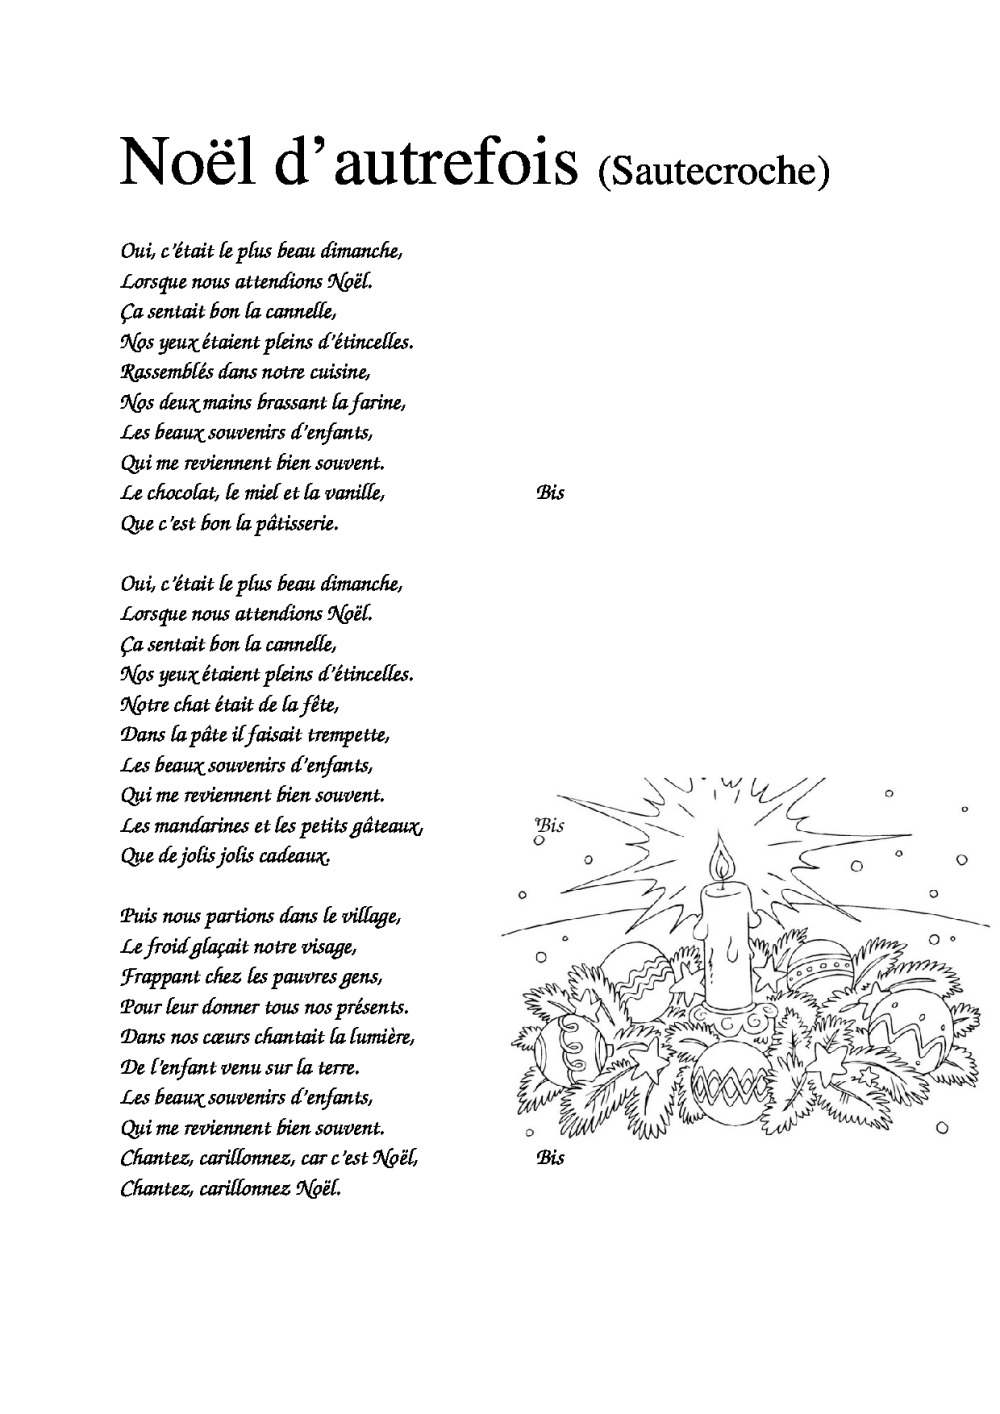 Paroles Chansons De Noël | Bdrp tout Dans La Nuit De L Hiver Chanson